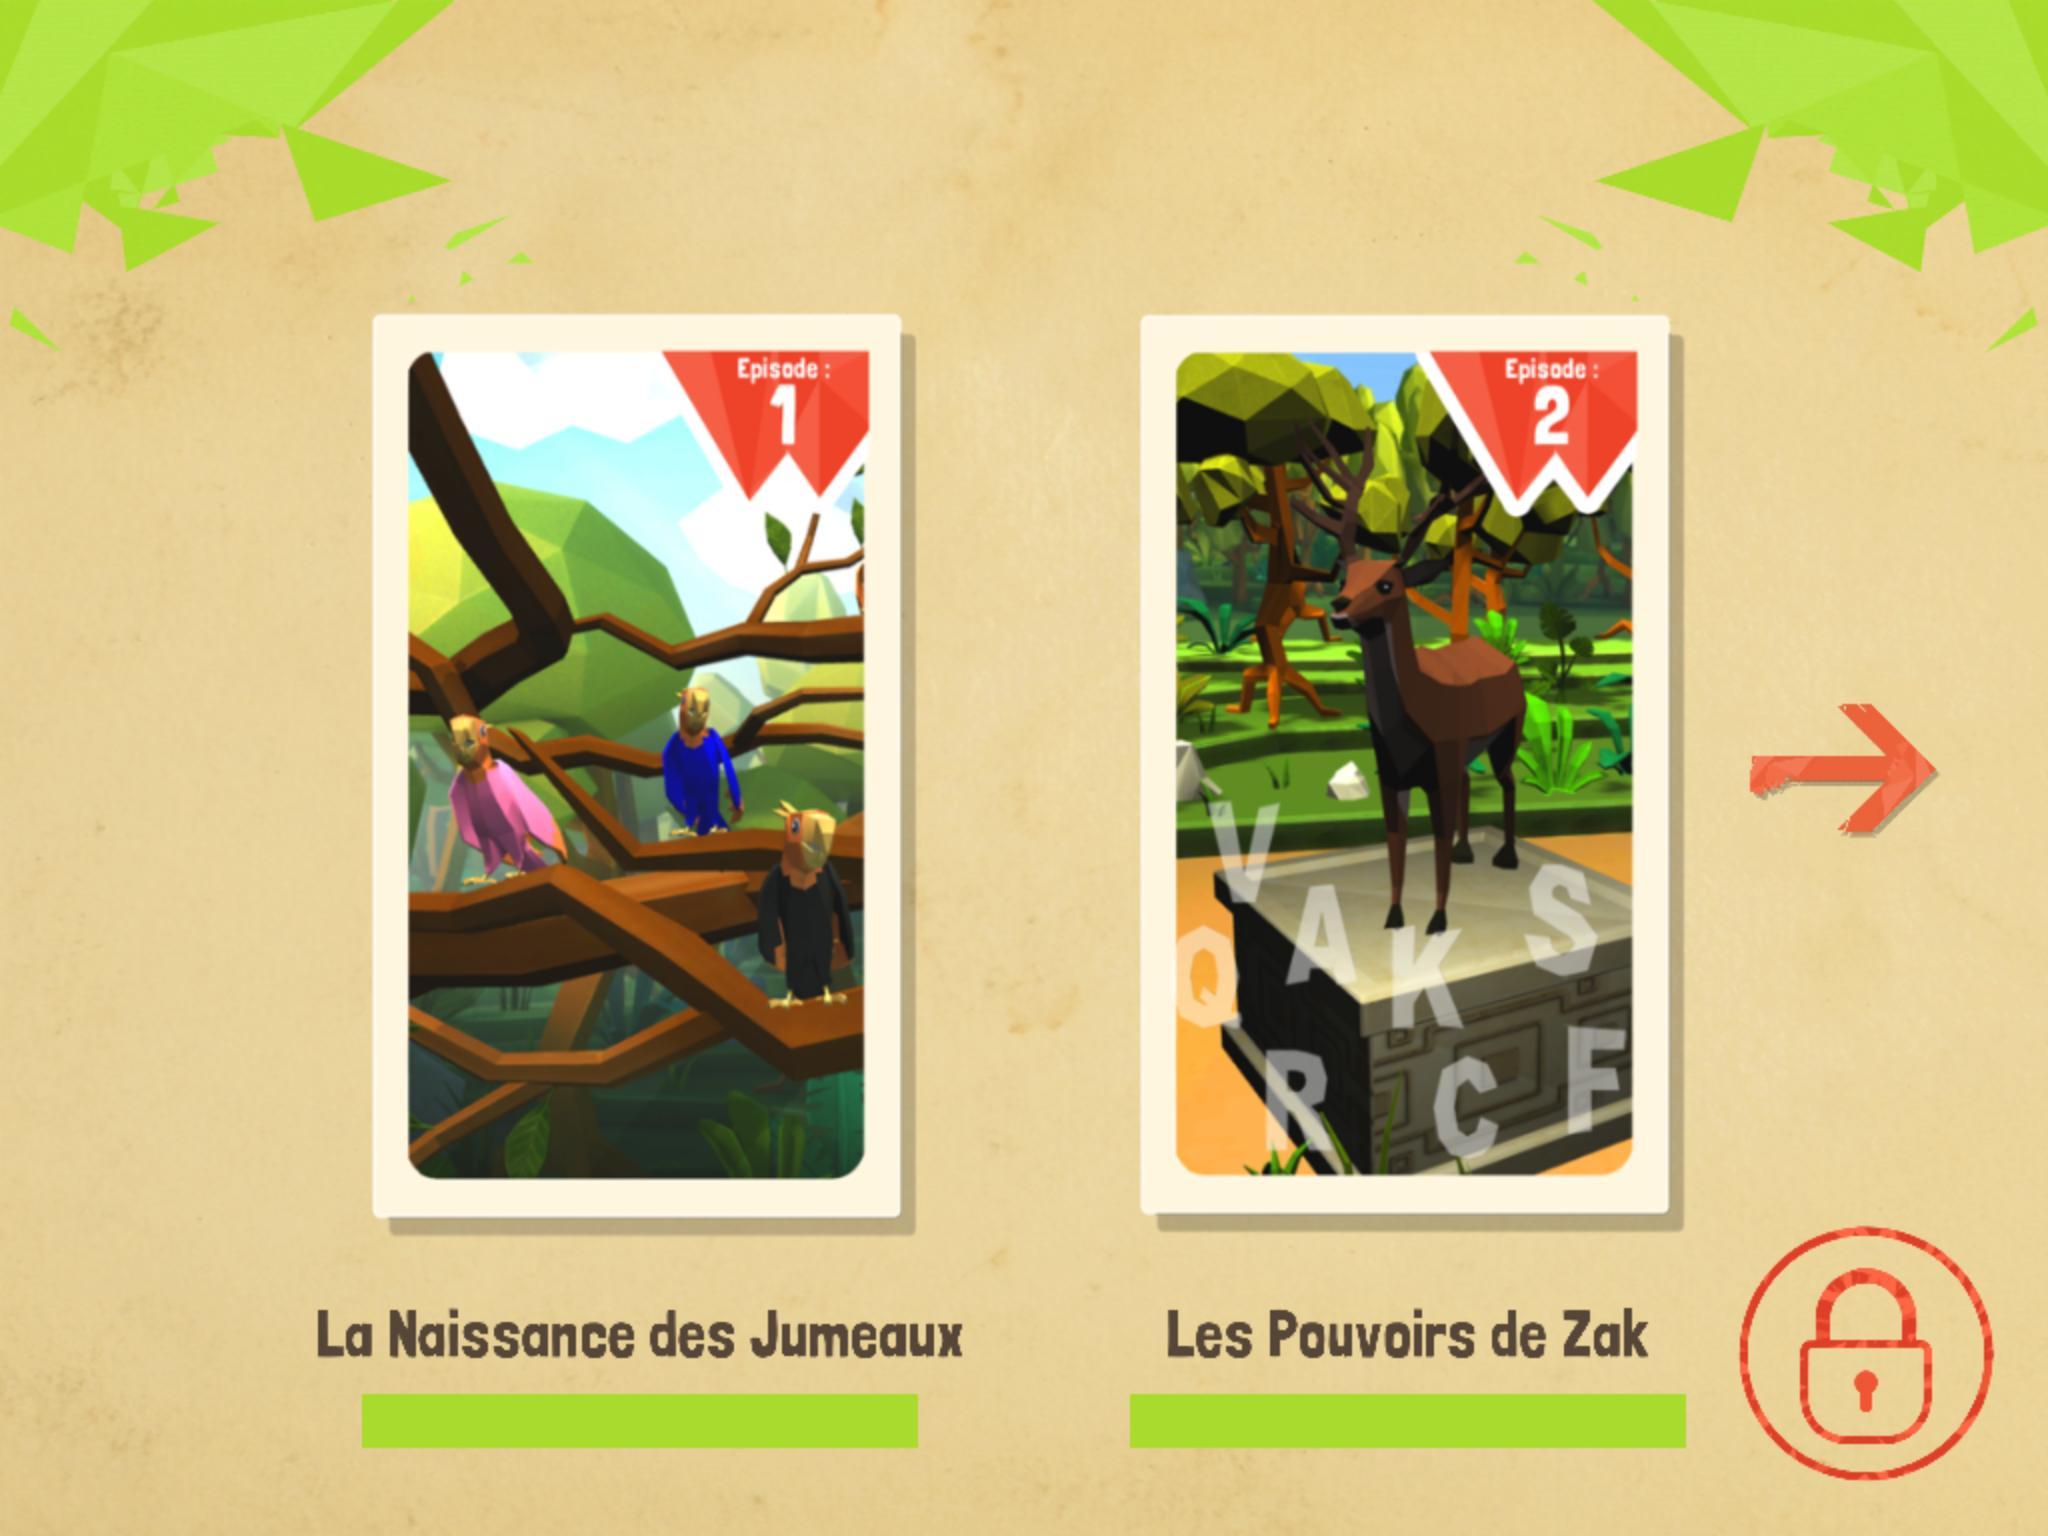 Jeu Maternelle Gratuit : Pokolpok For Android - Apk Download serapportantà Jeux Gratuit Maternelle